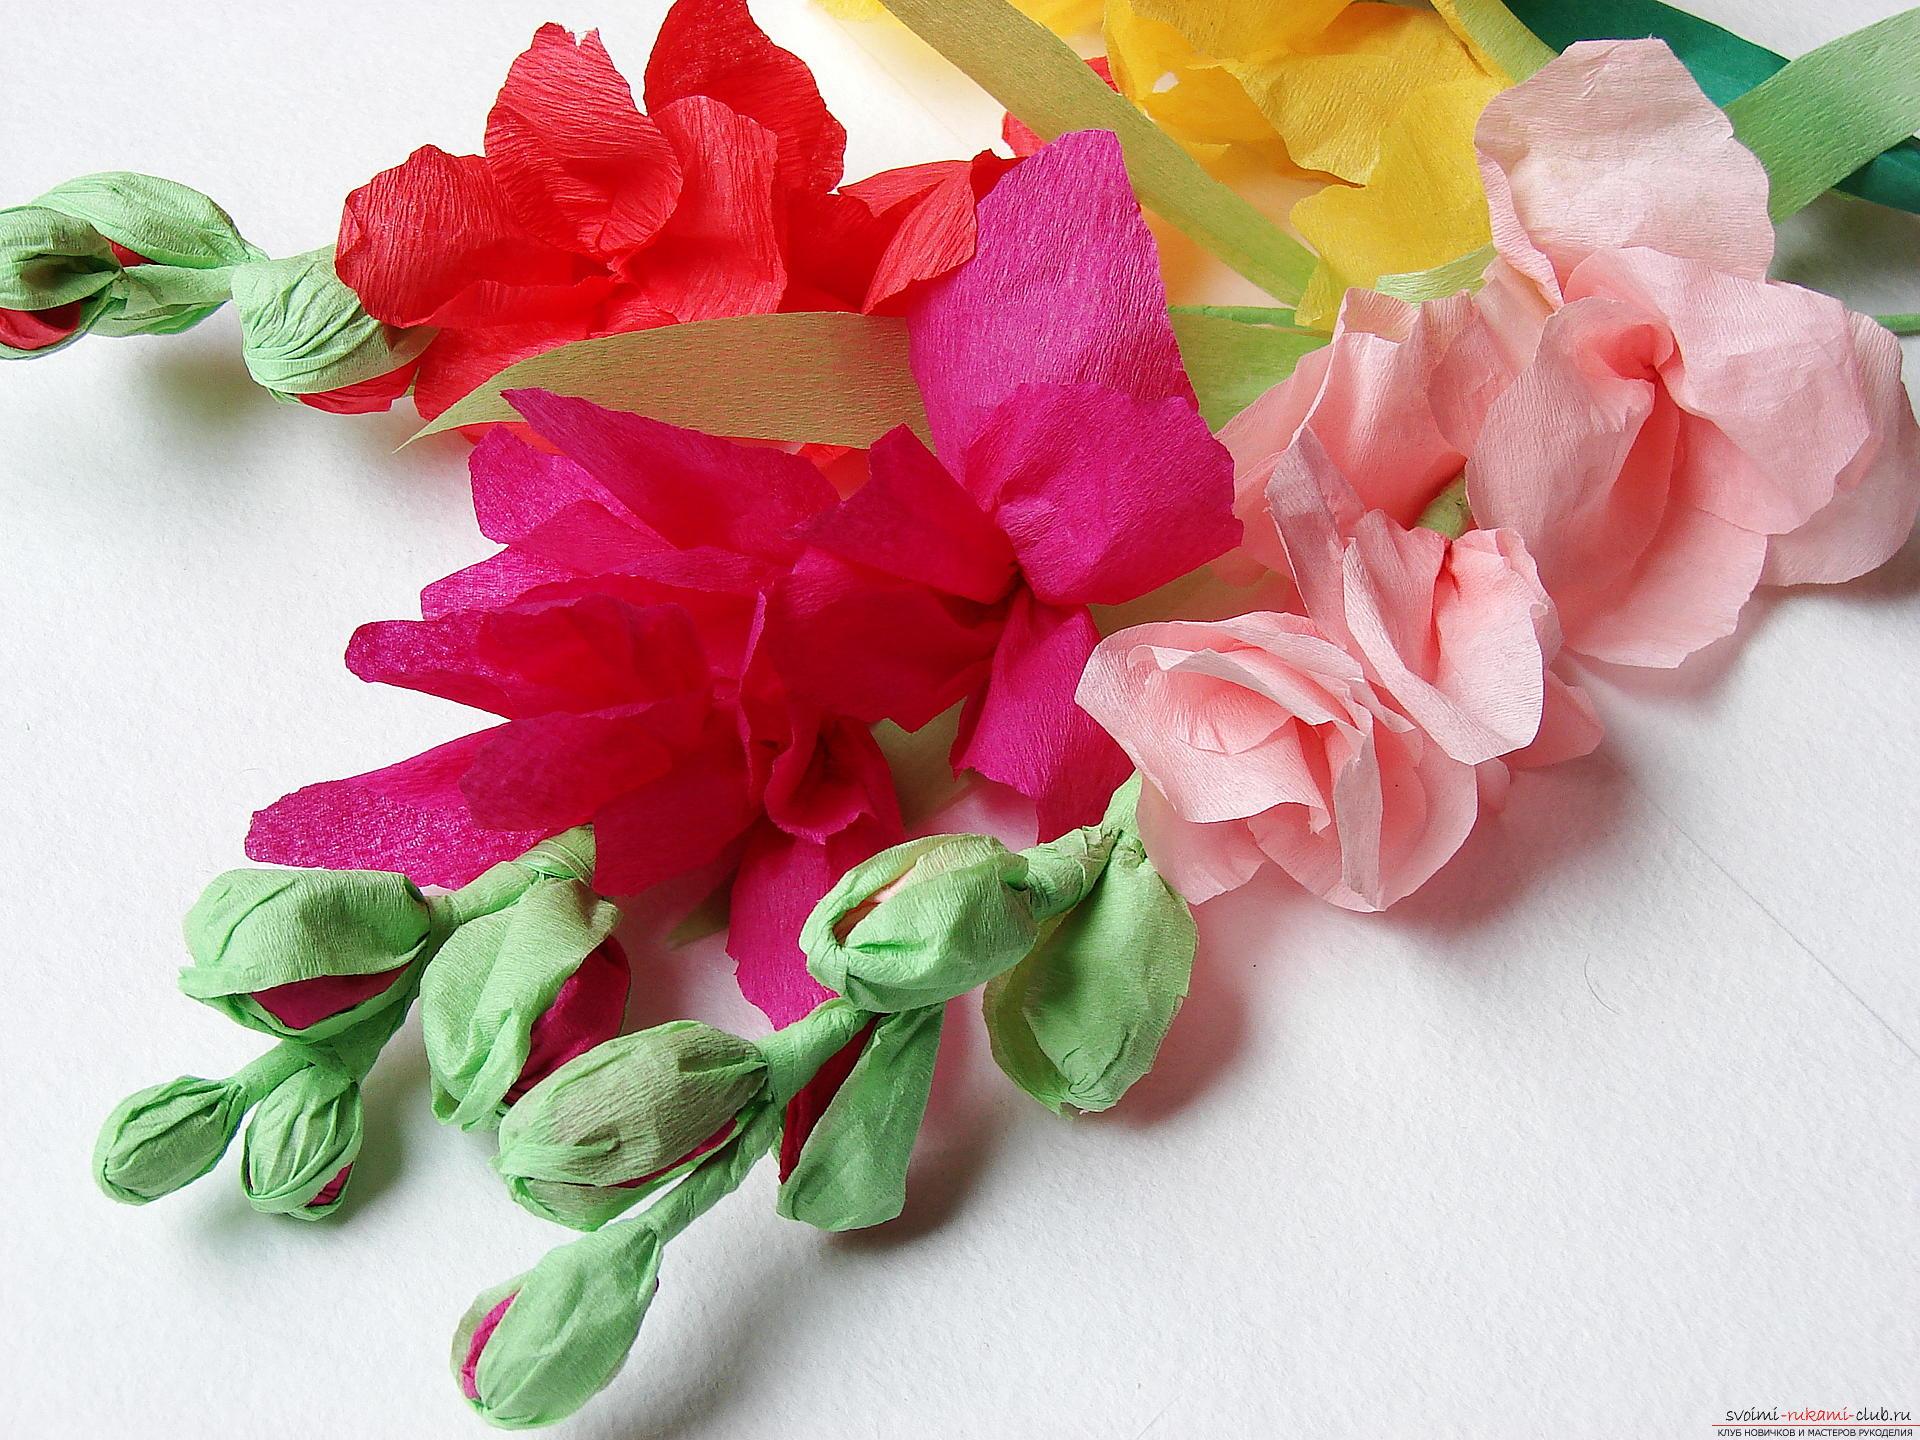 Этот мастер-класс научит как сделать цветы гладиолусы из бумаги своими руками.. Фото №34